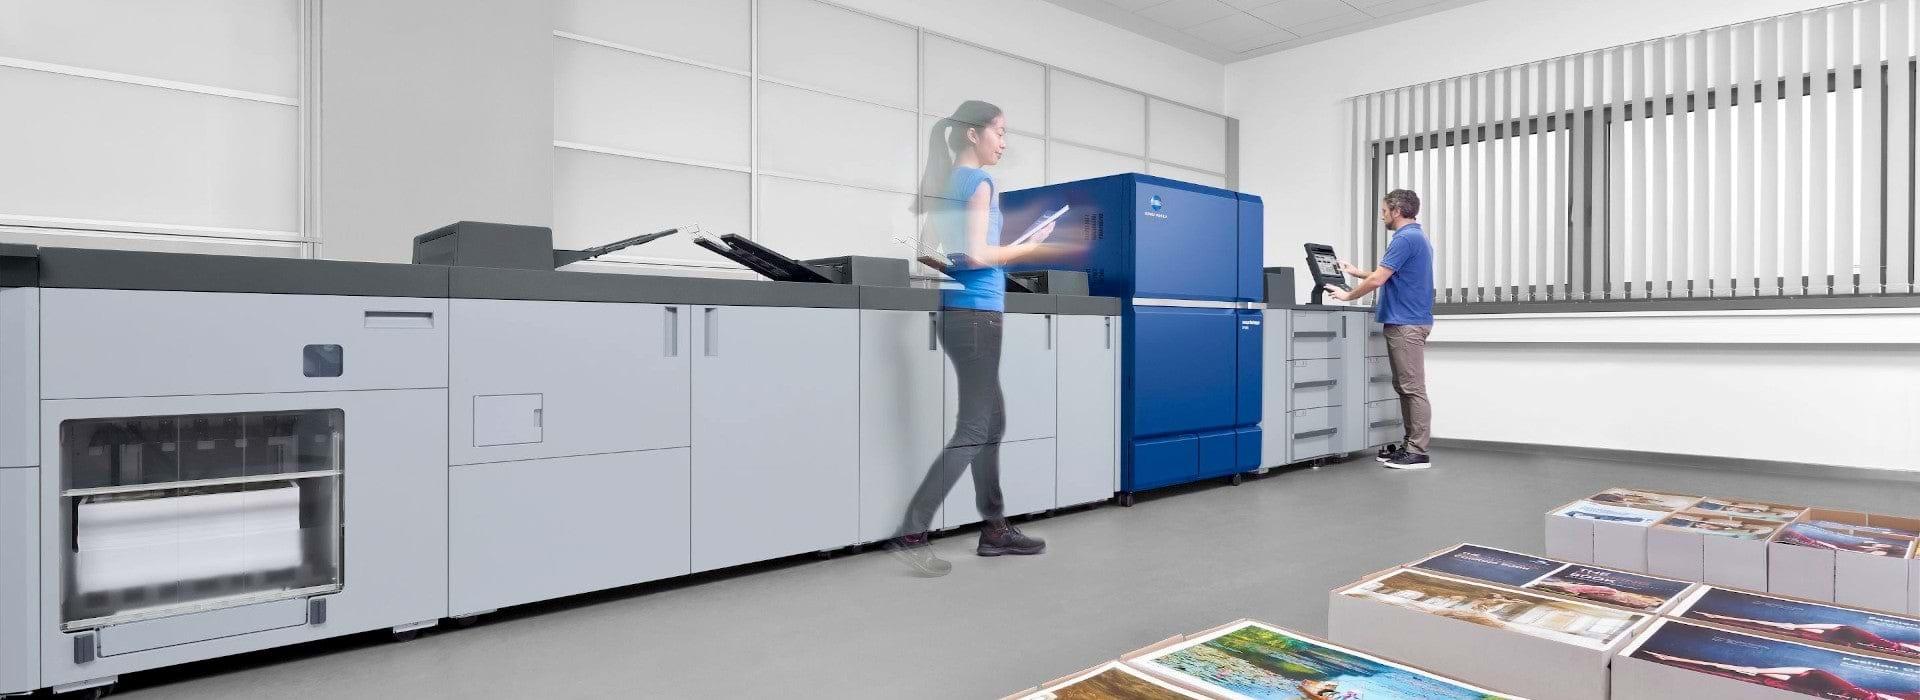 Imprenta digital - Impresión Badalona